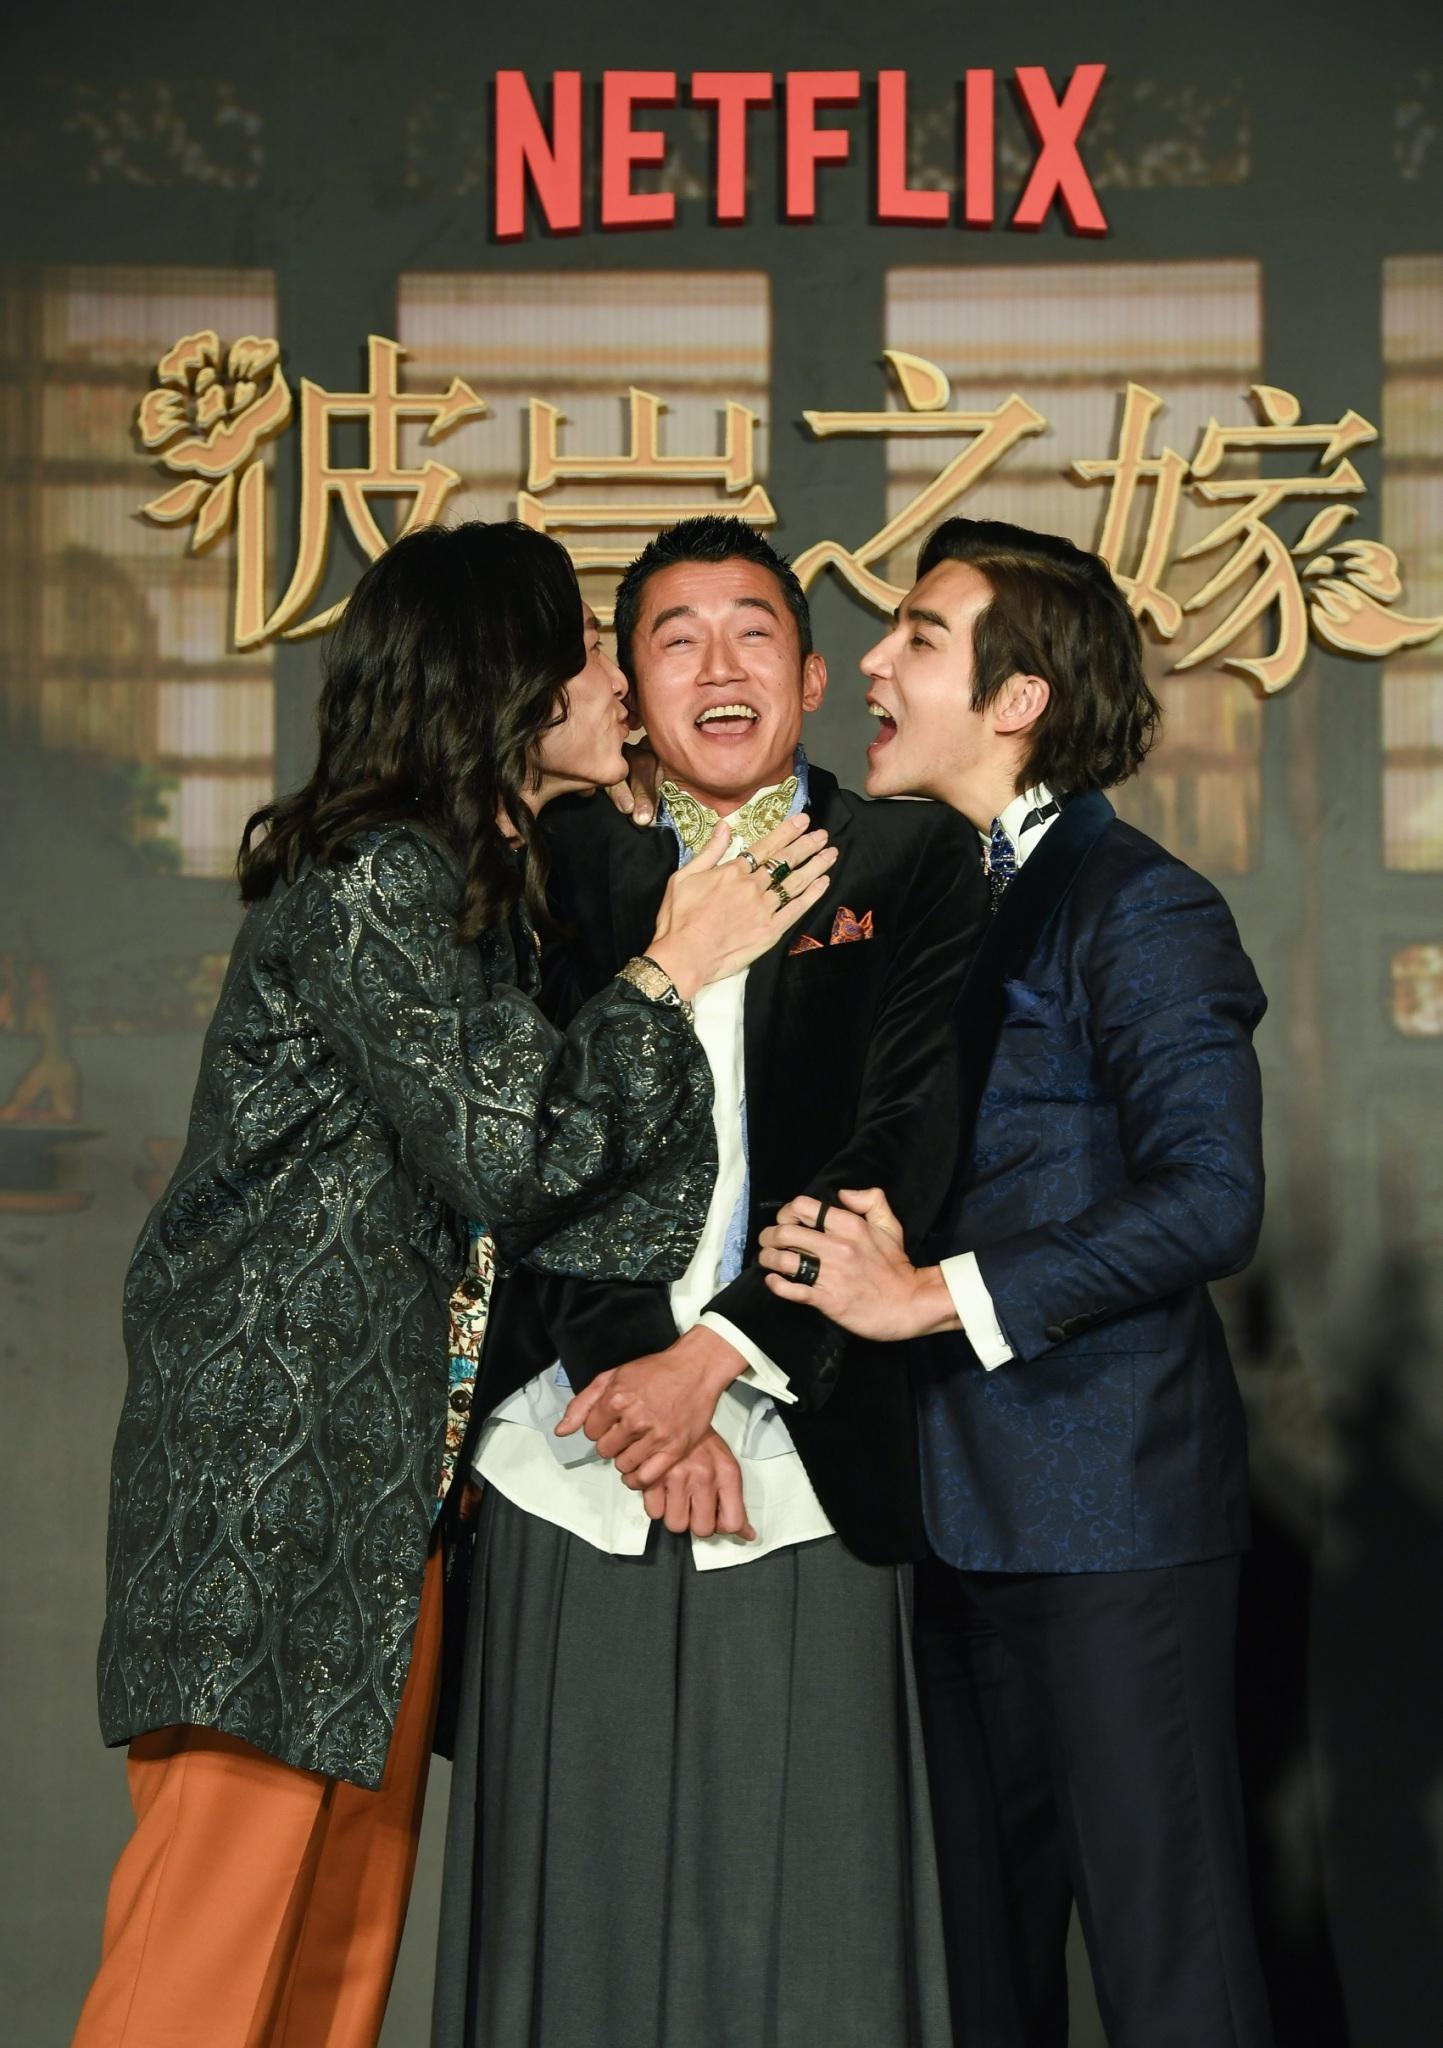 吳慷仁、林路迪、田士廣挑戰新娘抱黃姵嘉 人鬼神三帥大和解上演激吻